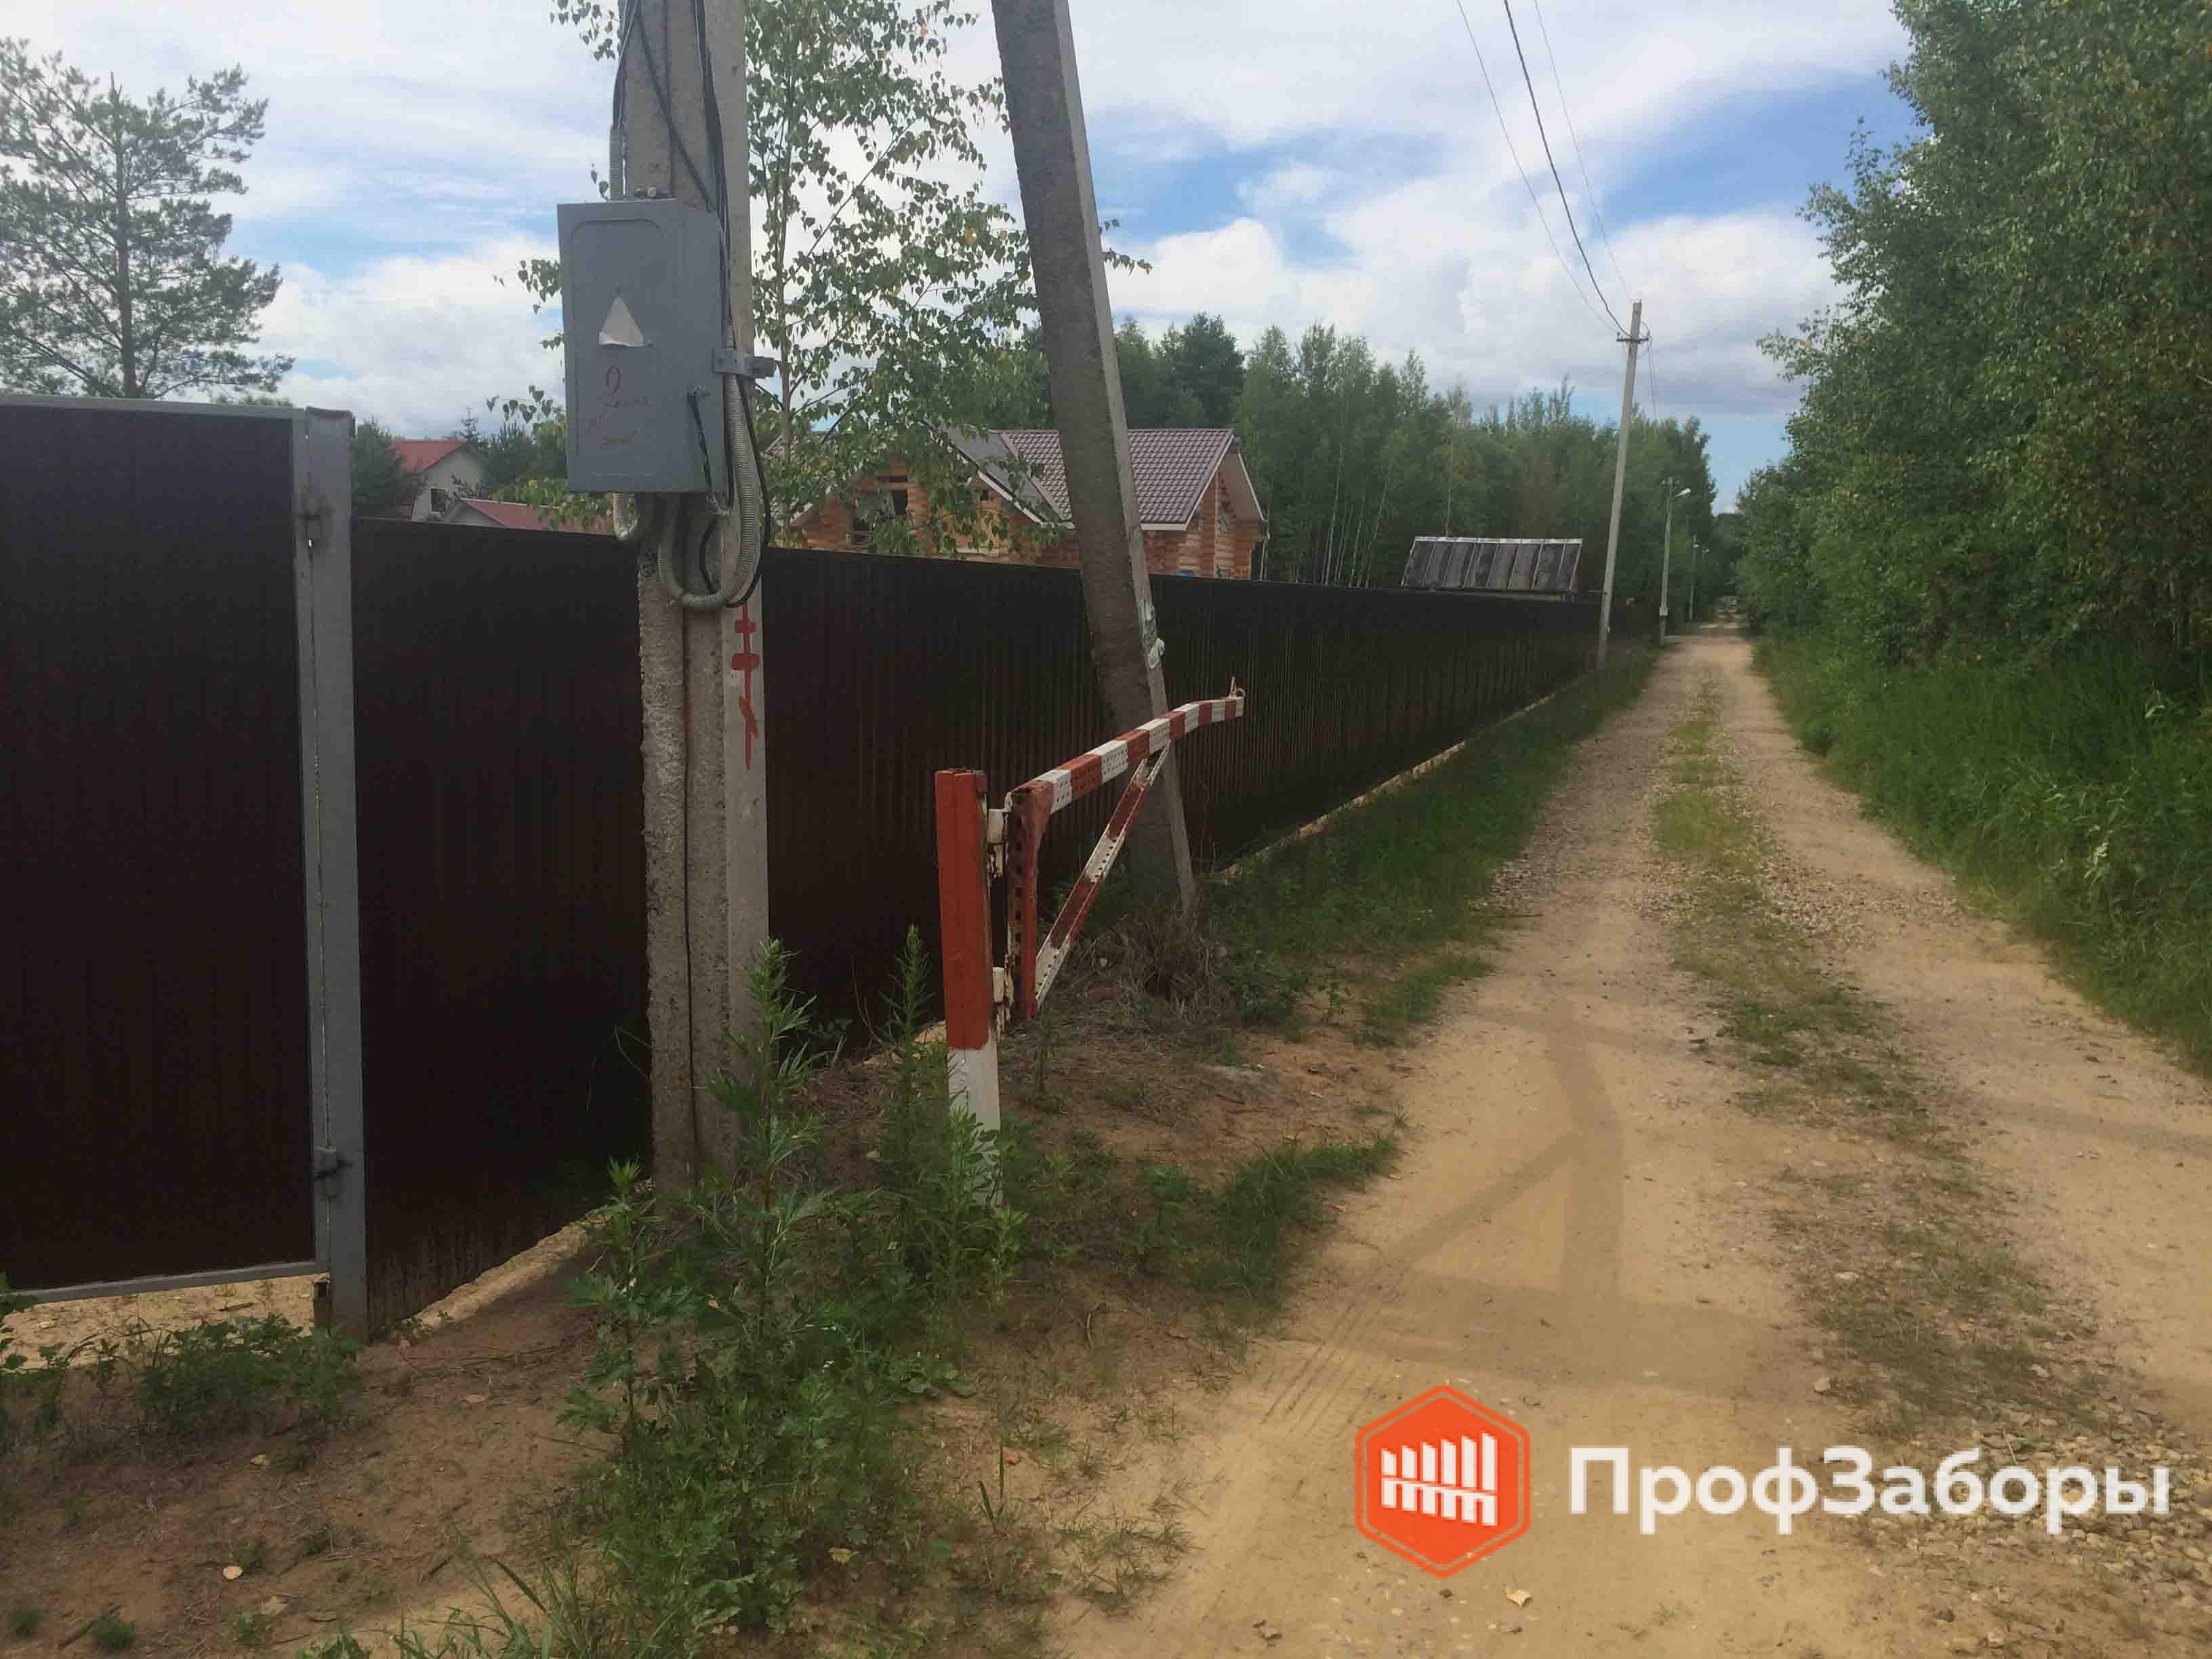 Заборы Из профнастила  - Город Куровское. Фото 3